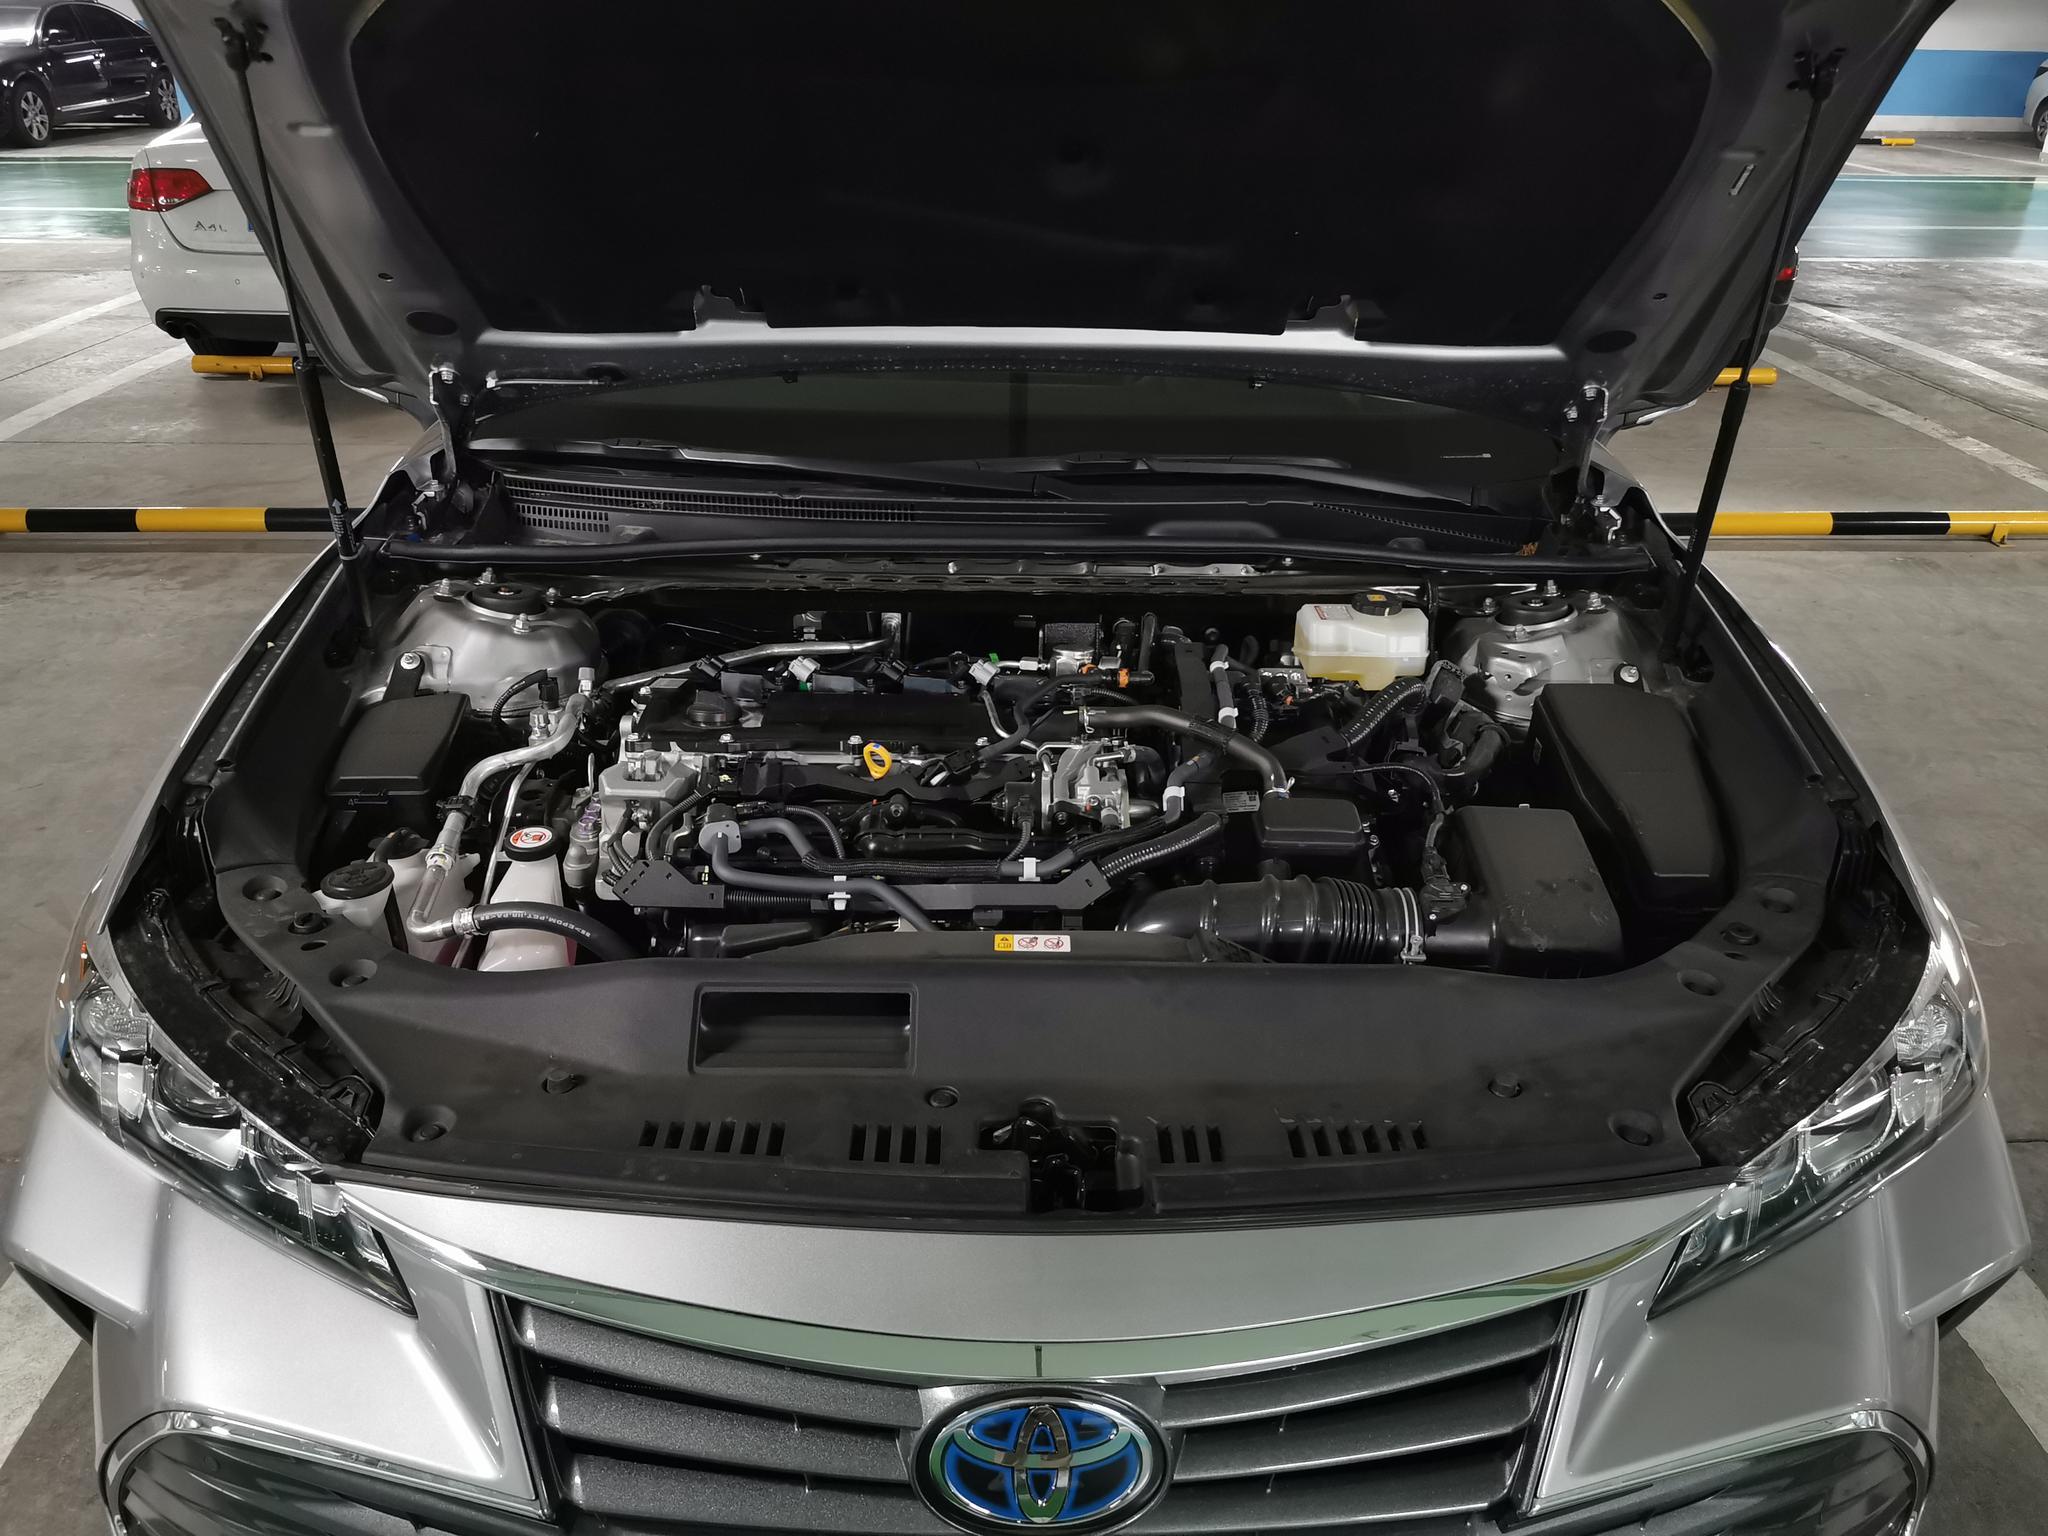 试驾亚洲龙双擎版  没有想象中的惊艳但油耗真的低